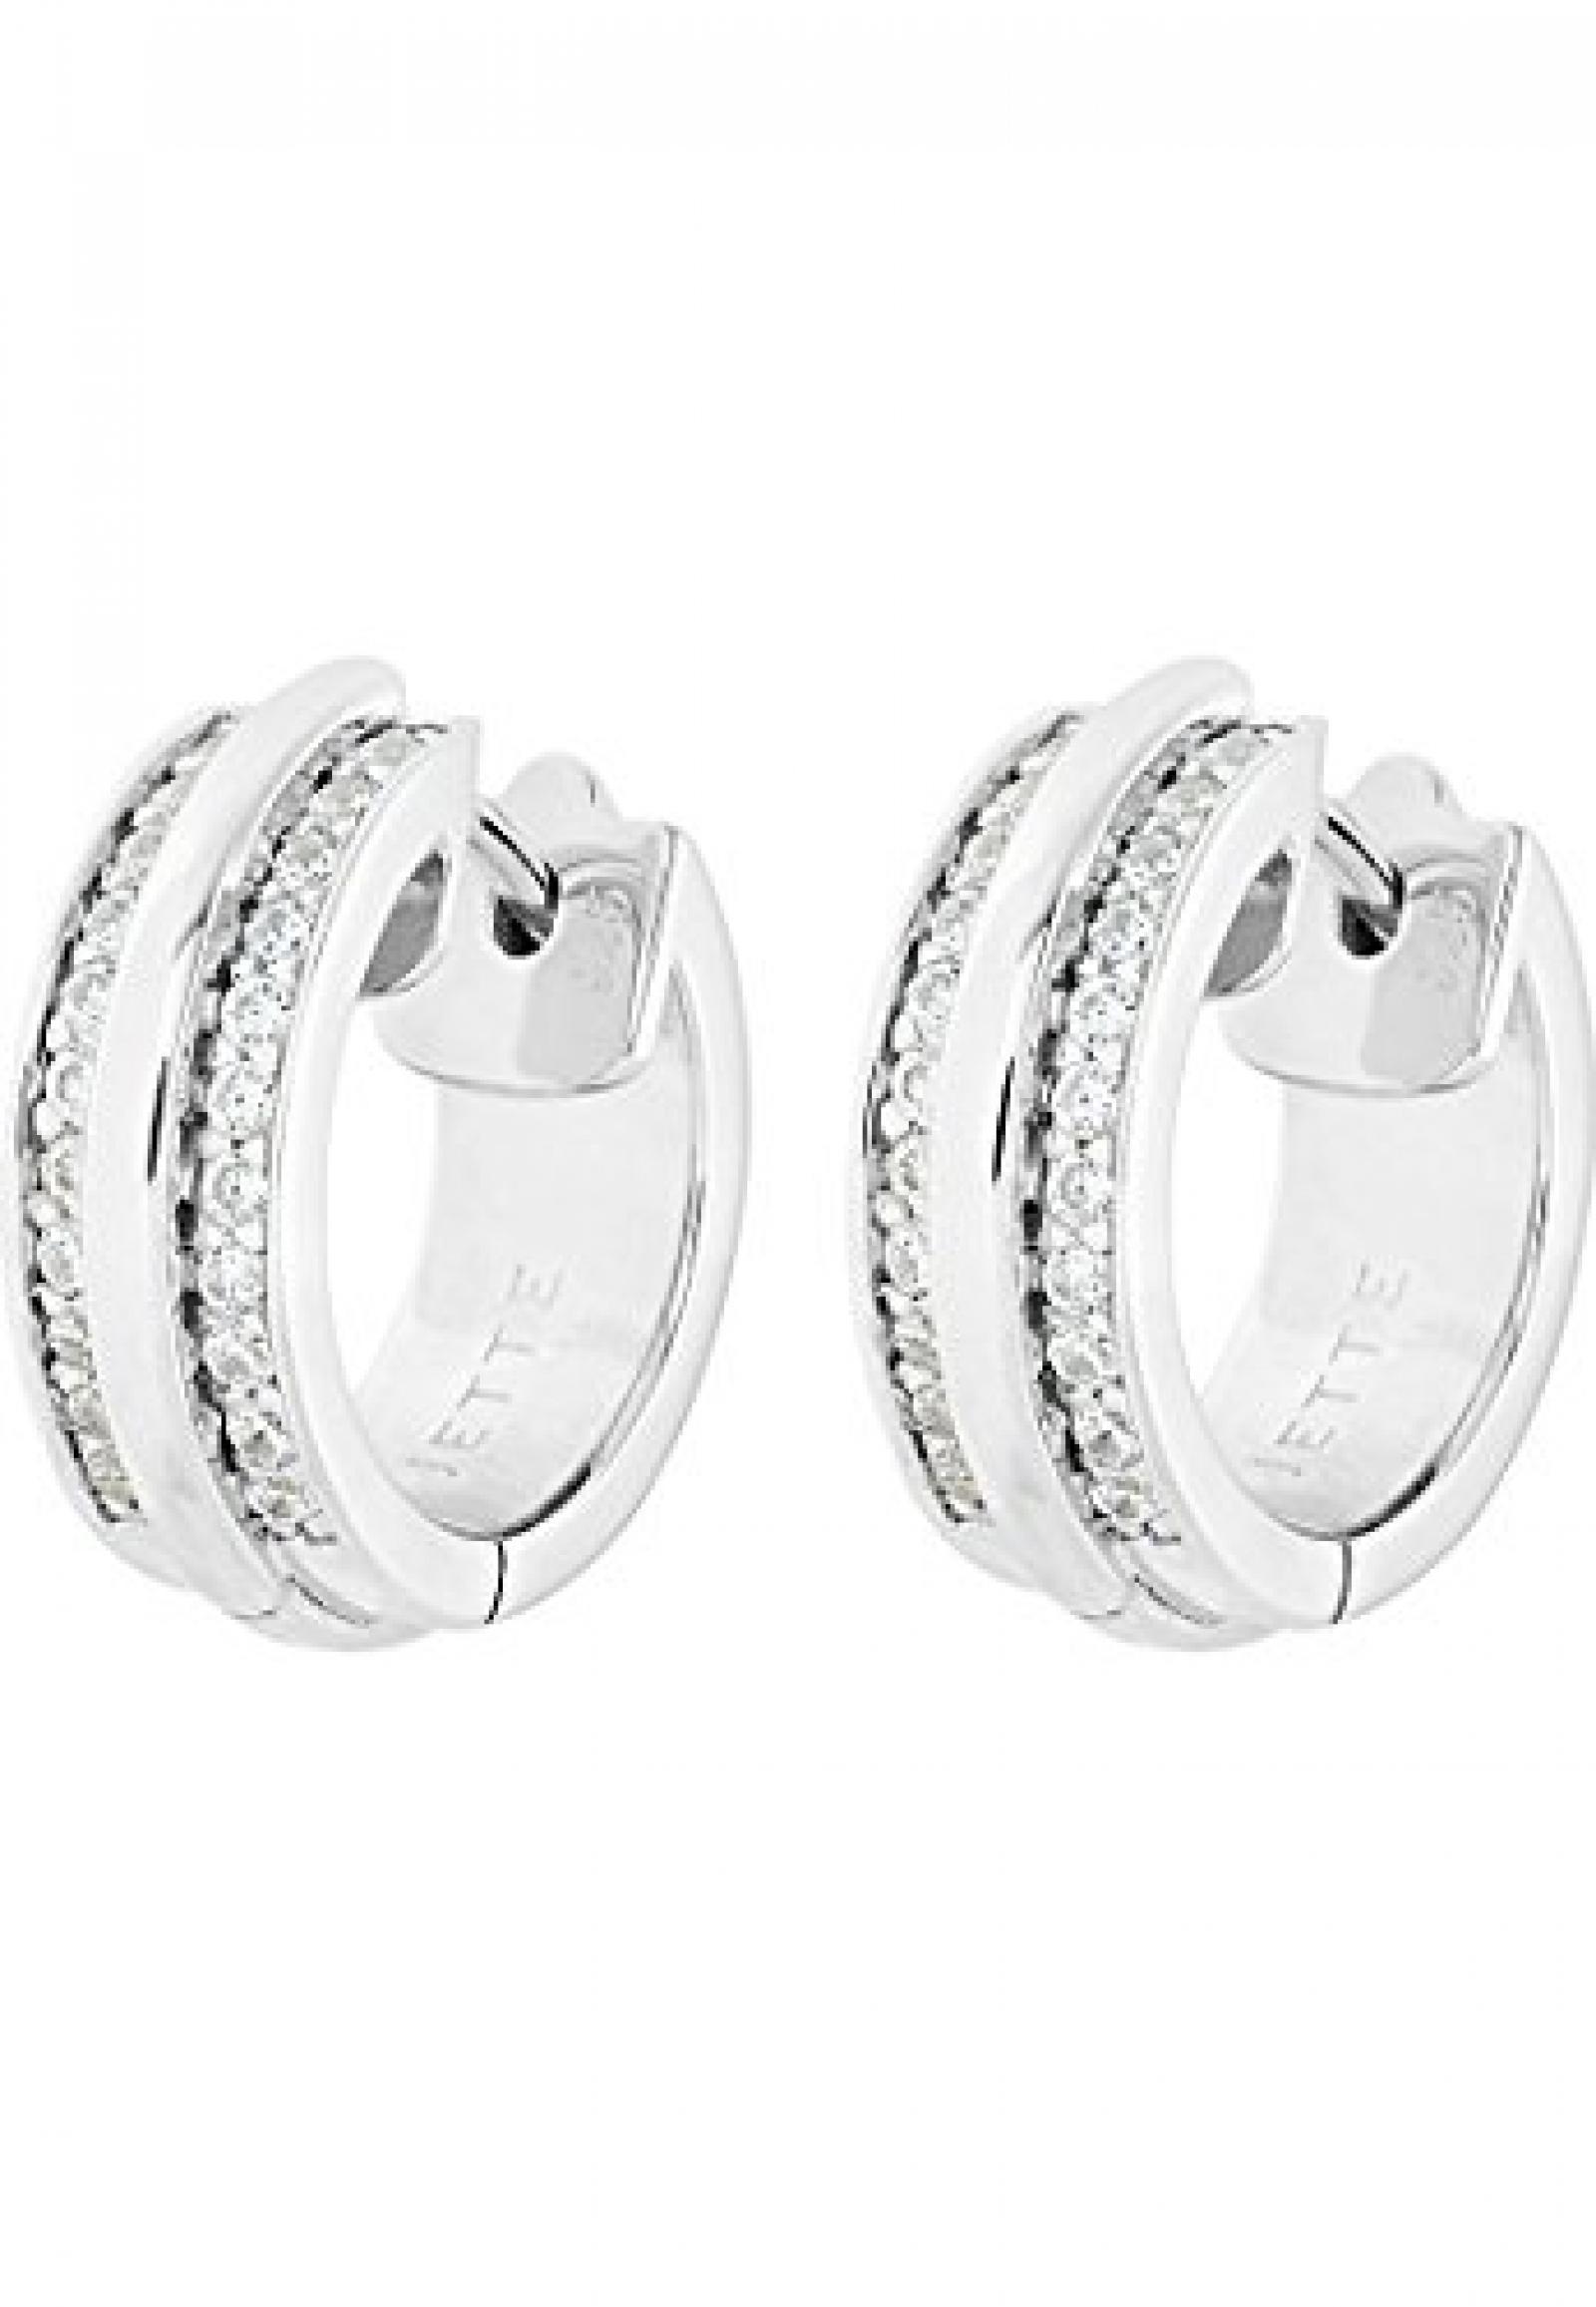 JETTE Silver Damen-Creole Silber 46 Zirkonia One Size, silber